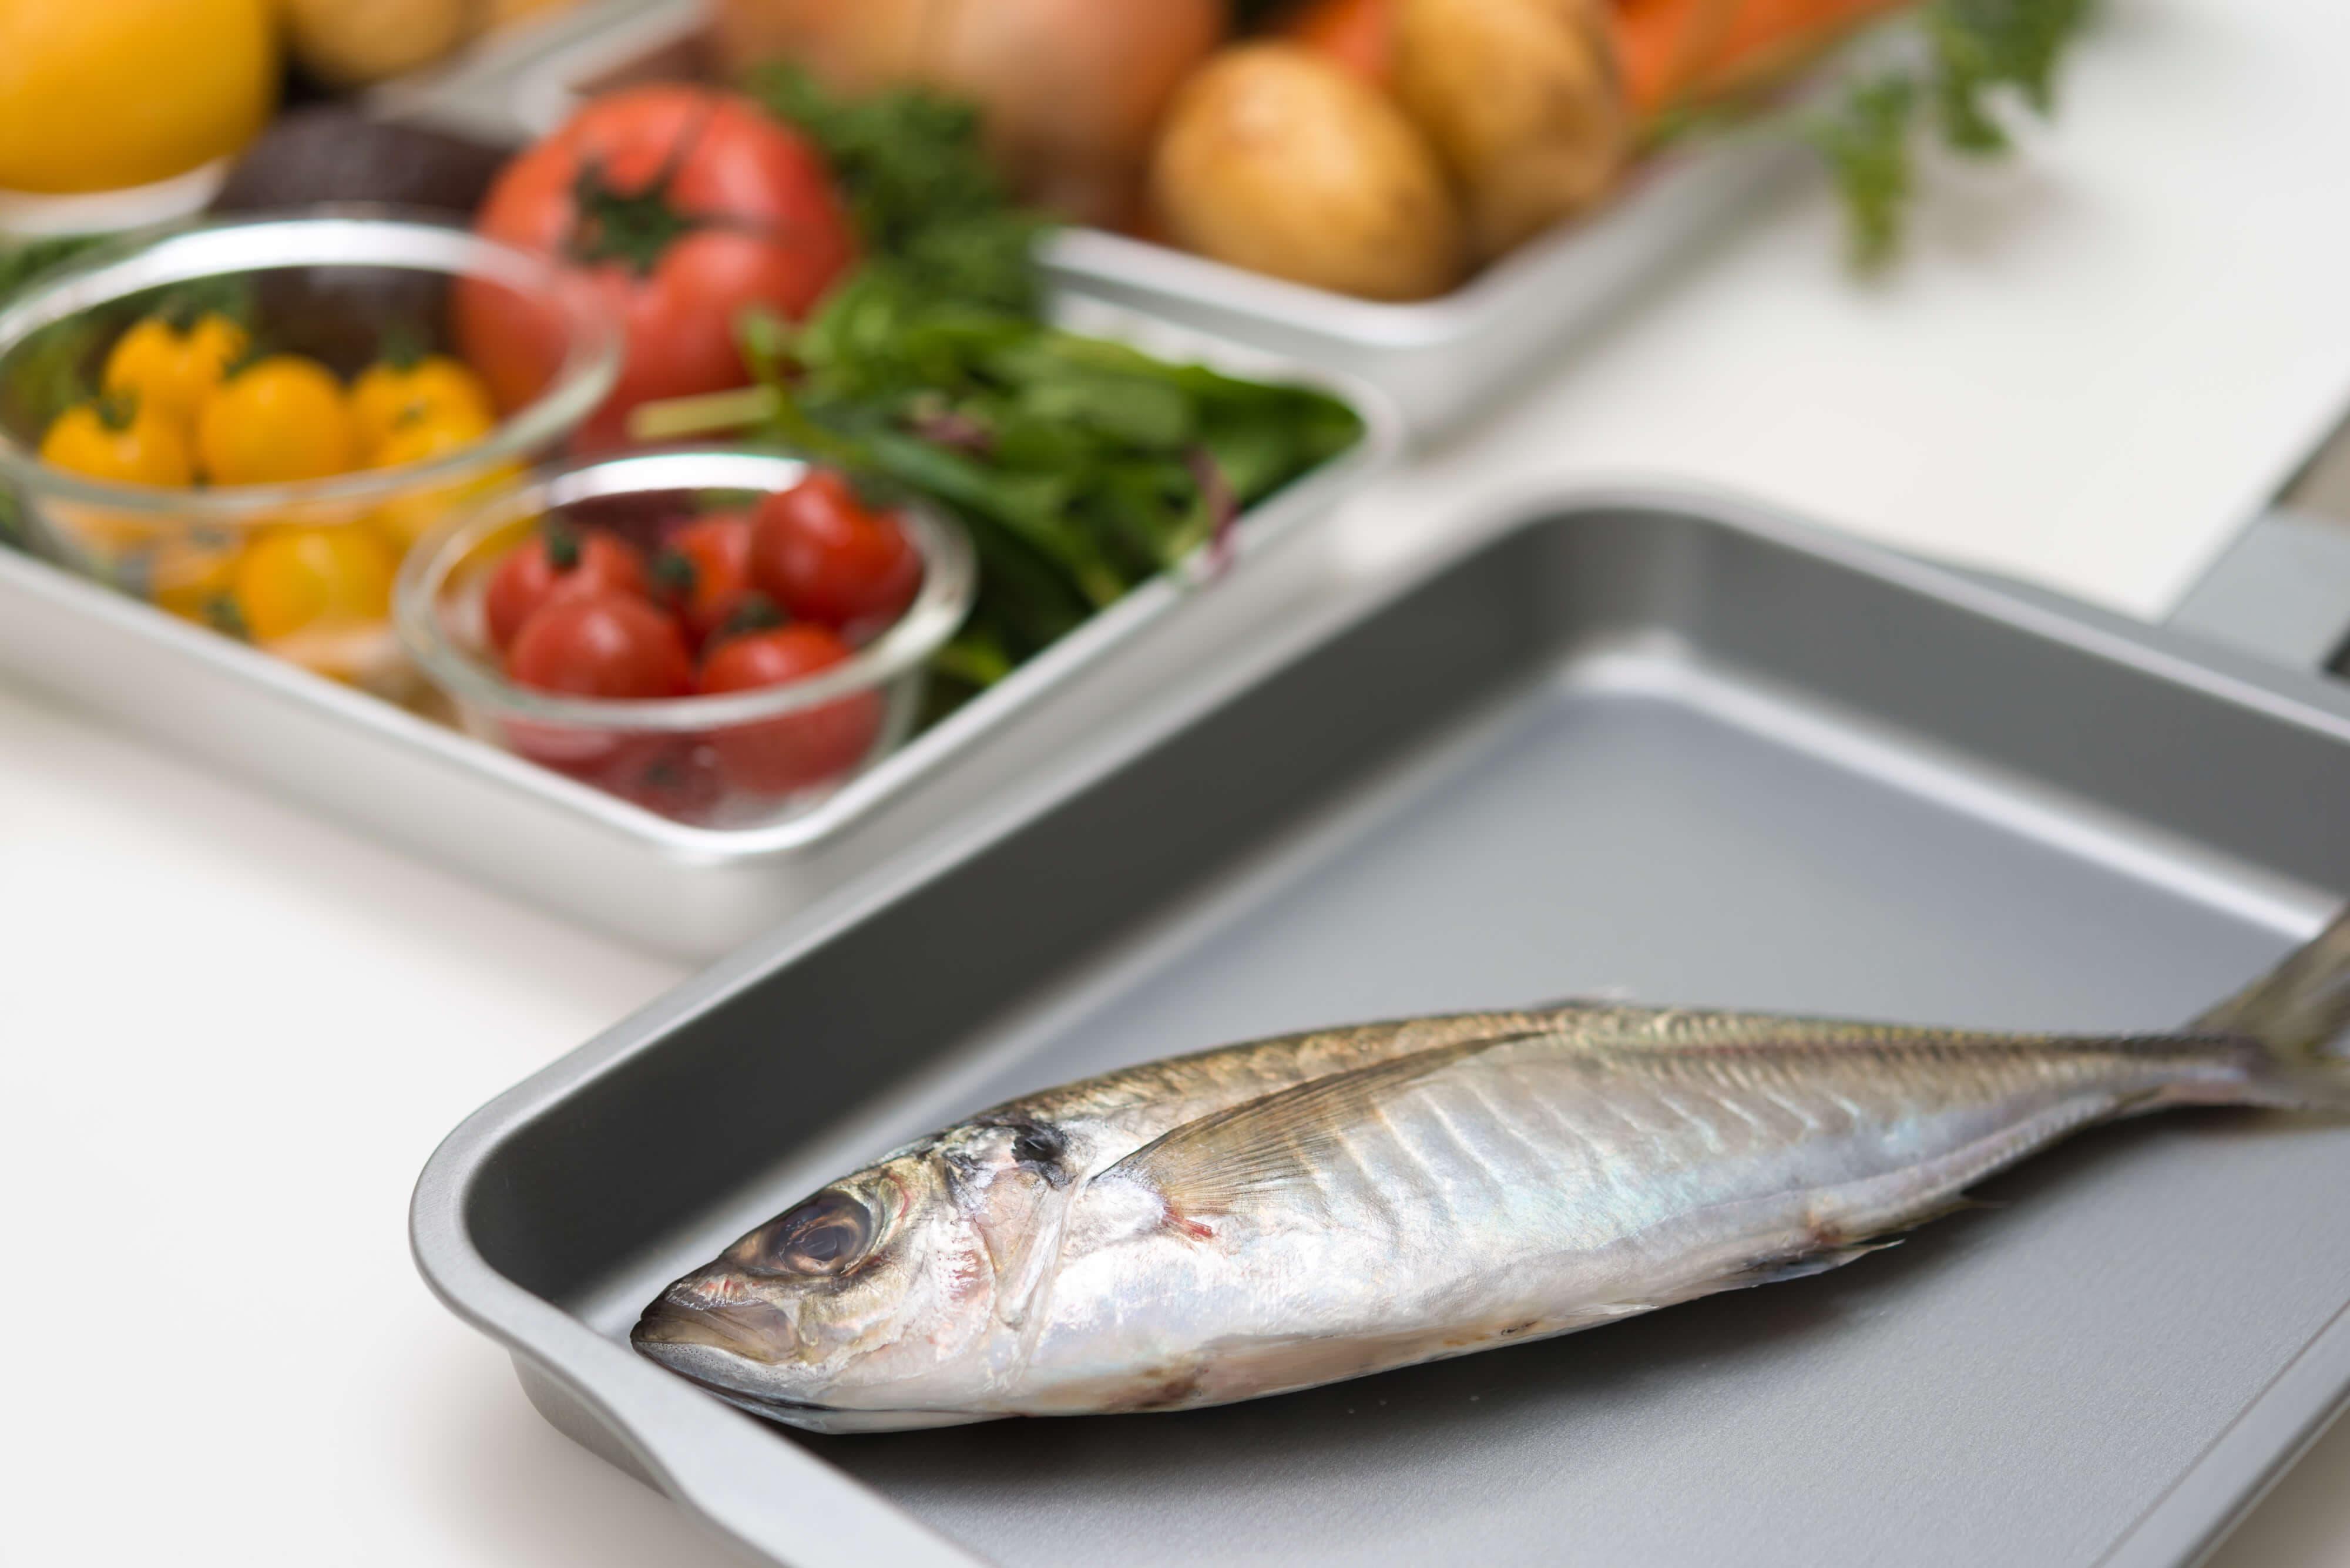 食べても大丈夫?妊婦さんに注意が必要な魚の種類と摂取量